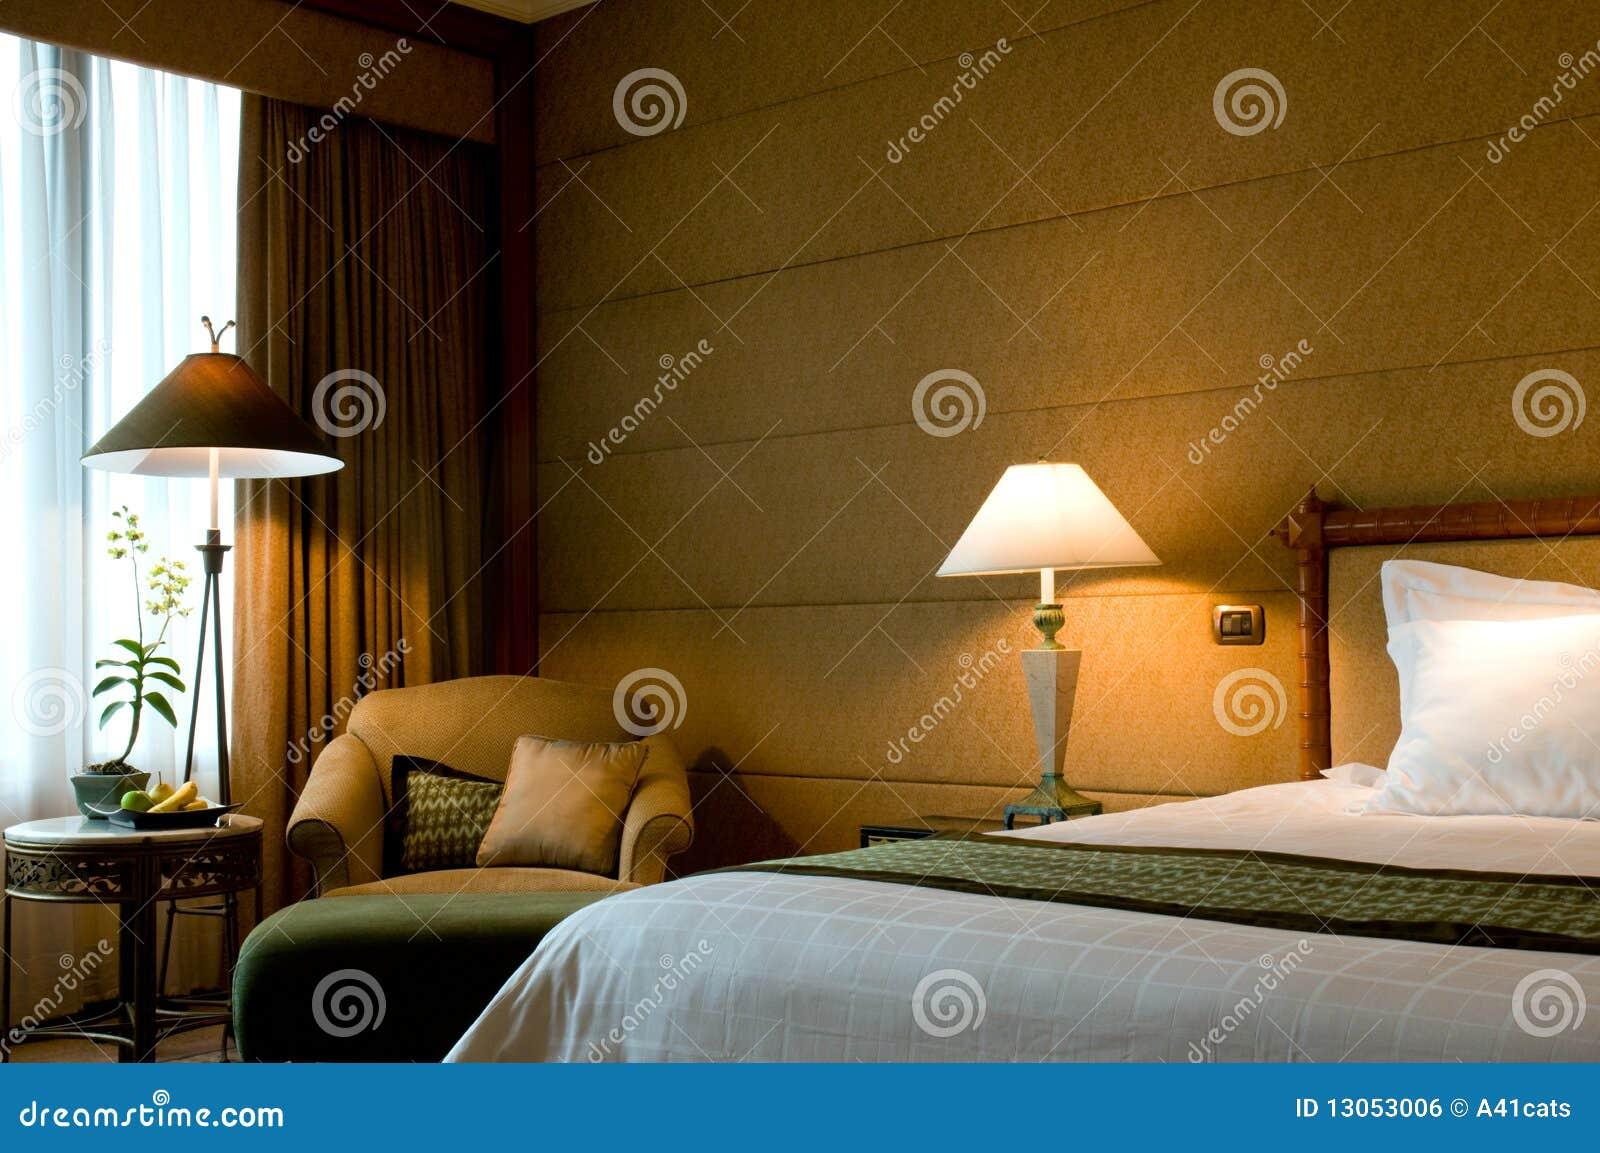 B ti et fauteuil dans une chambre coucher cinq toiles de suite image libre de droits image - Fauteuil de chambre a coucher ...